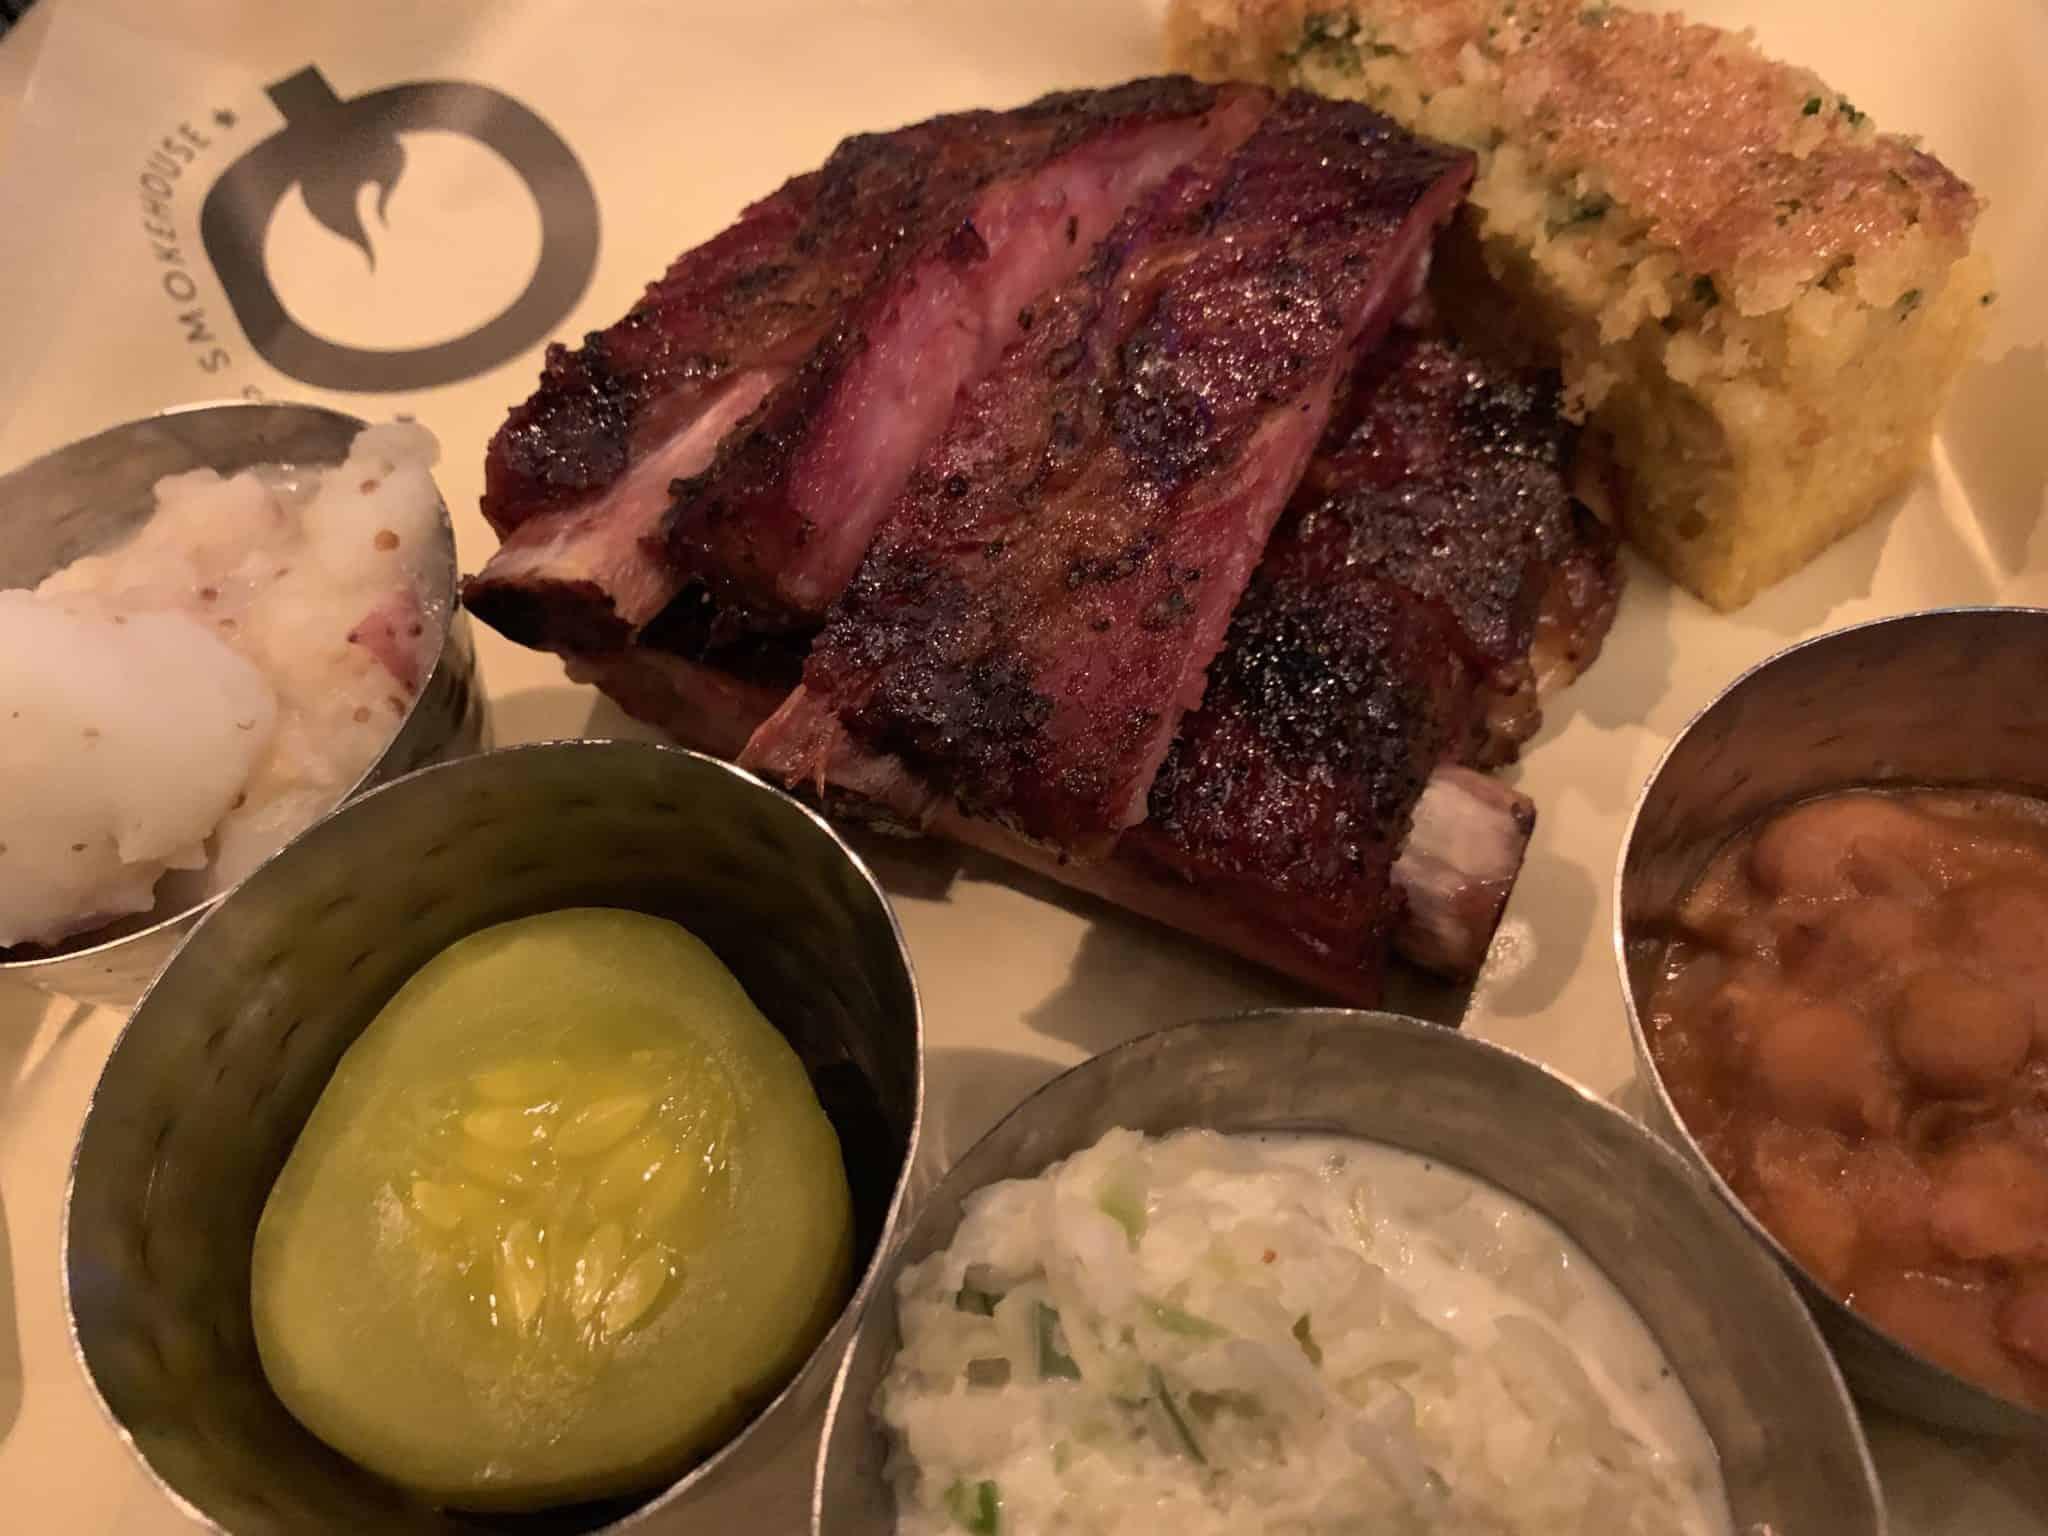 q texas smokehouse meal norwegian joy